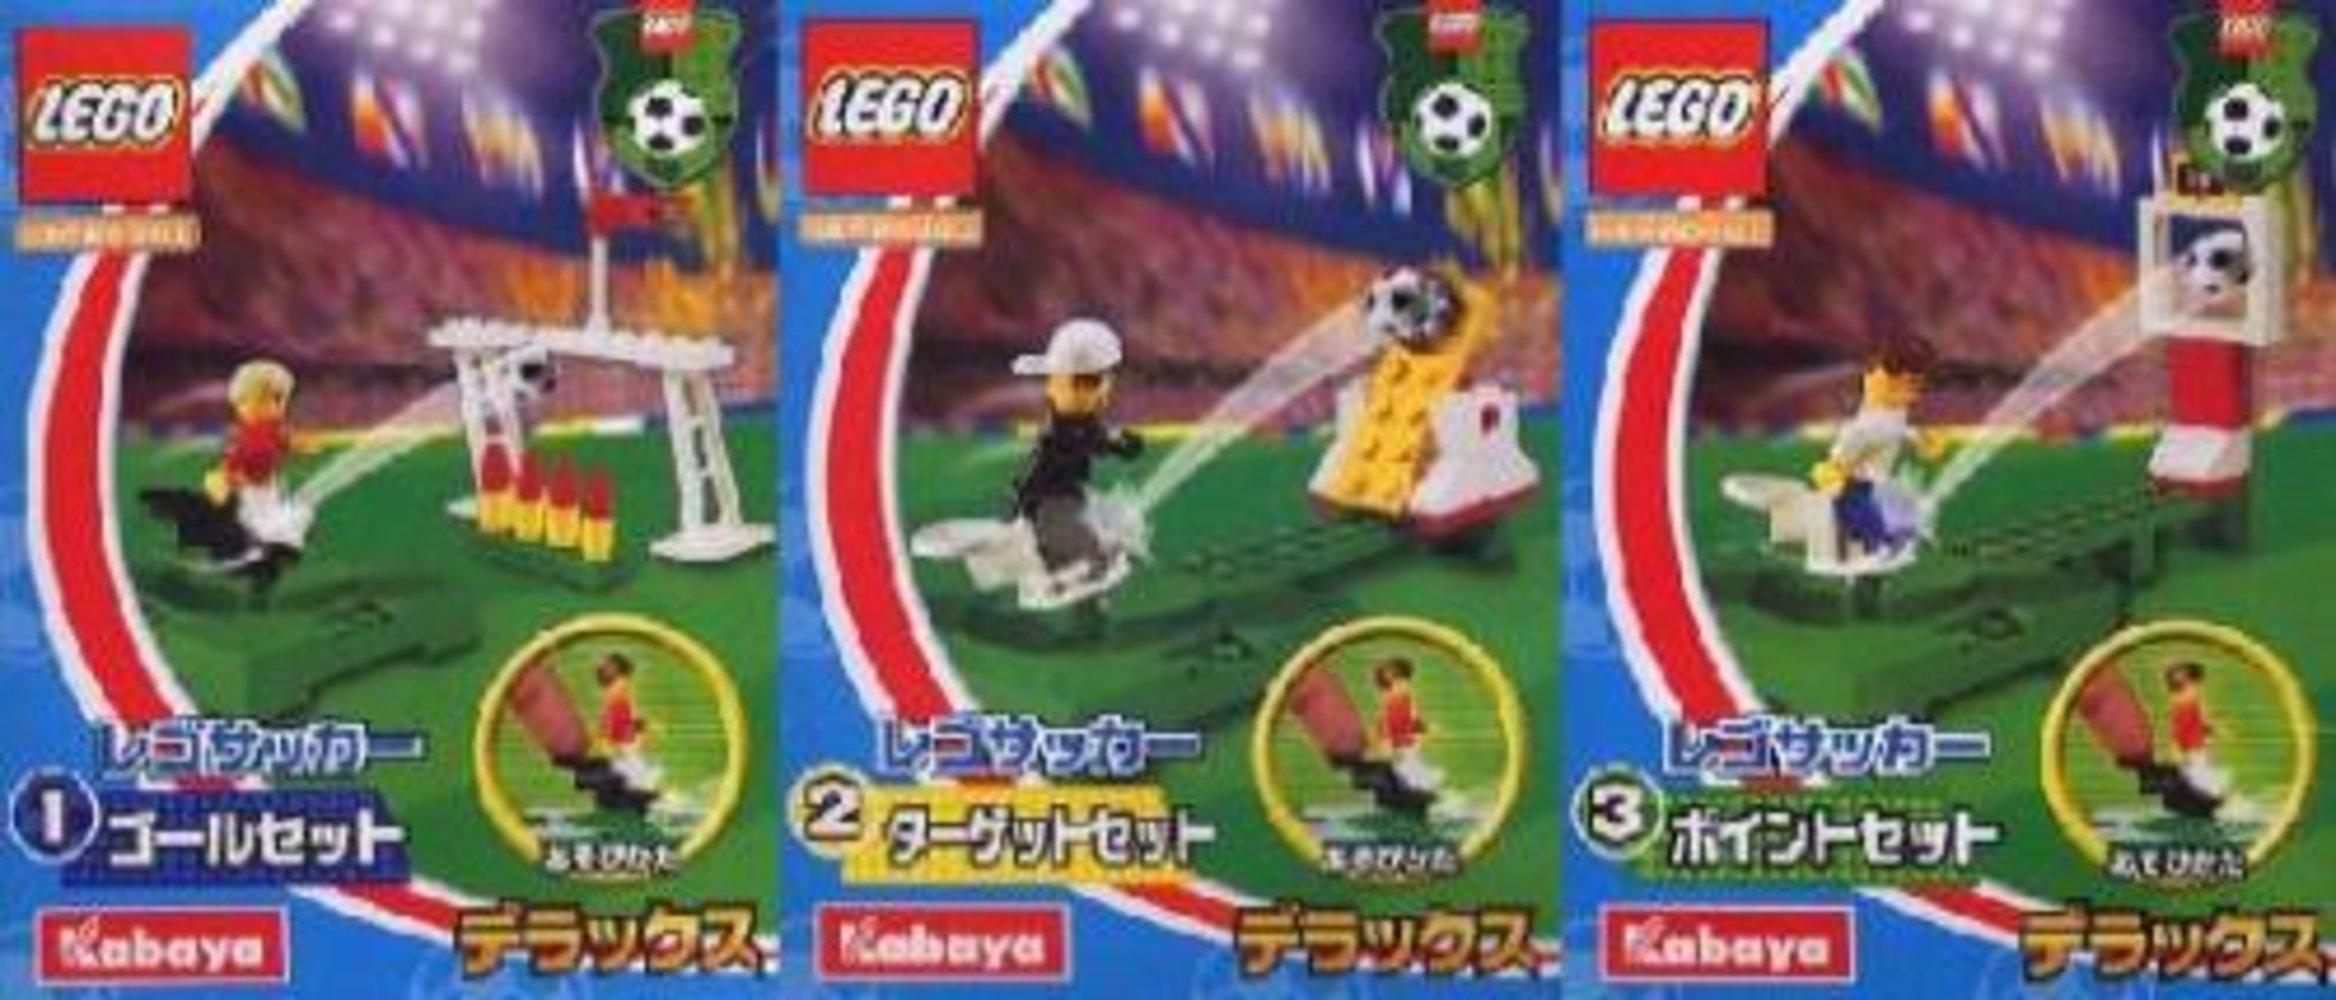 Kabaya Soccer 3-Pack